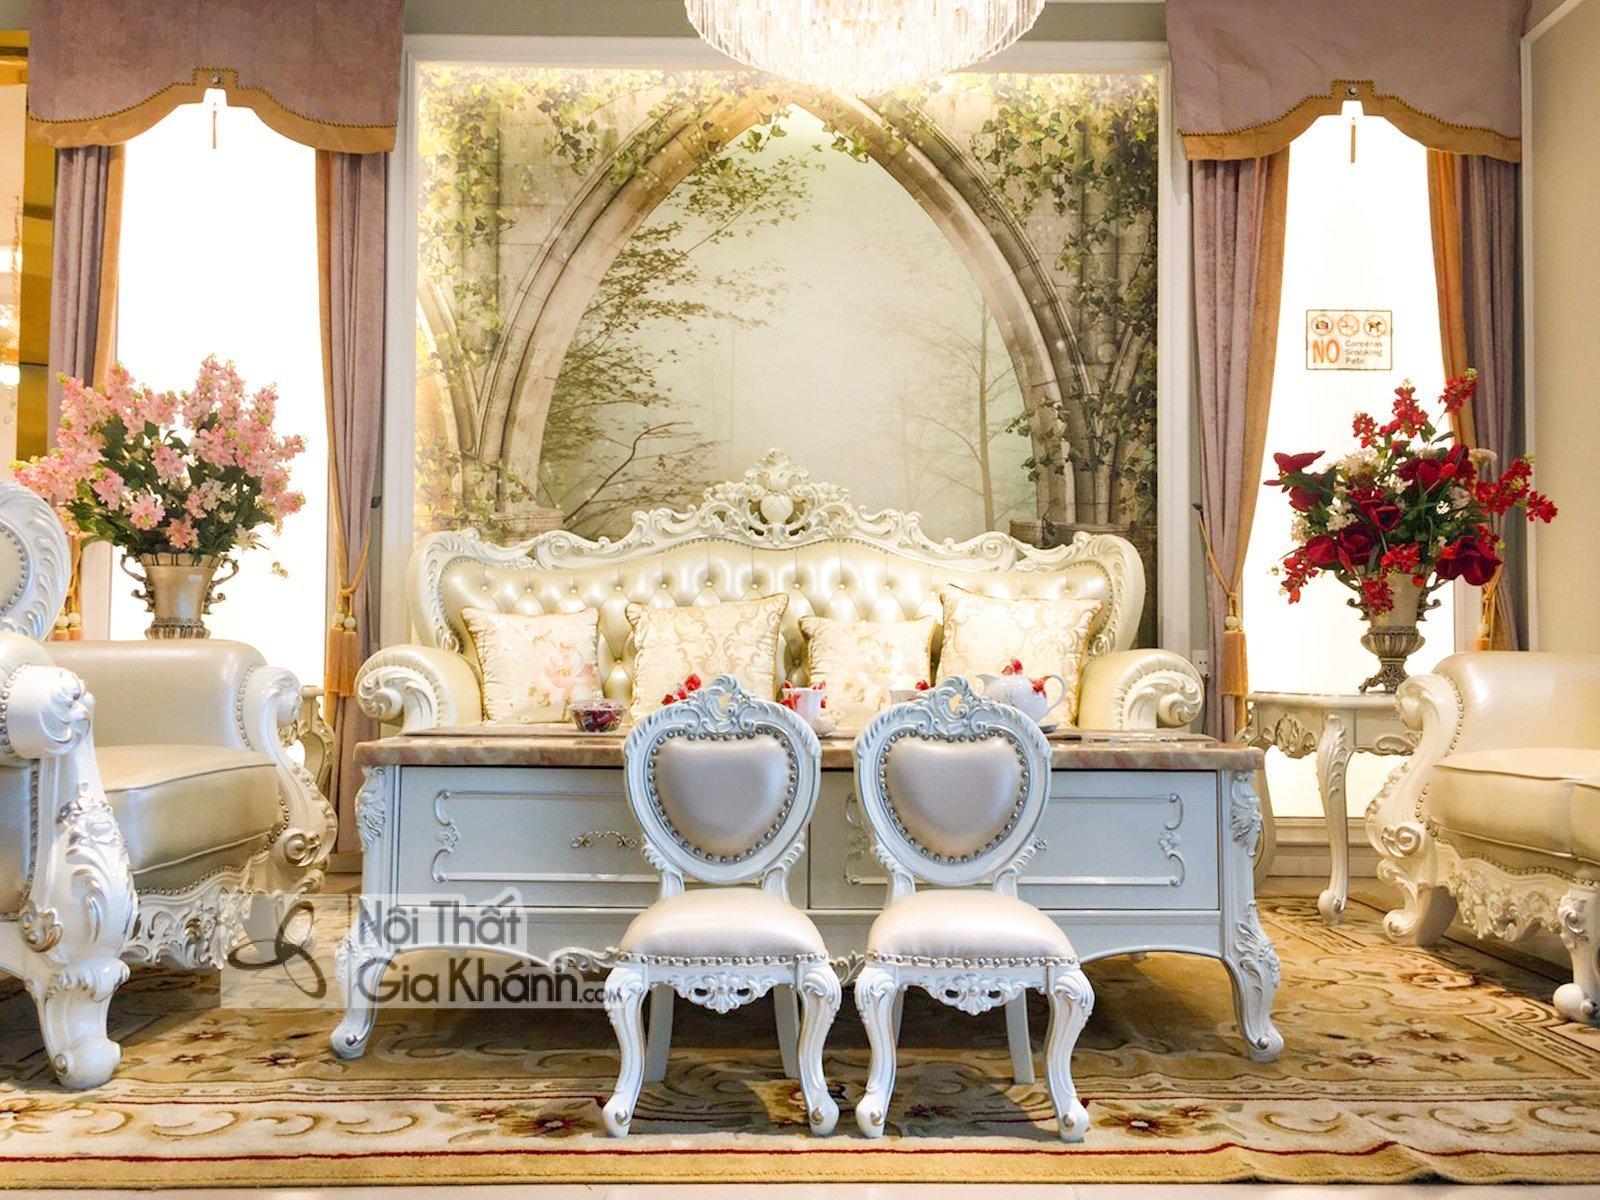 ghe nho dat cung sofa H8801G 5 - Ghế baby đặt cùng sofa tân cổ điển GB8801H